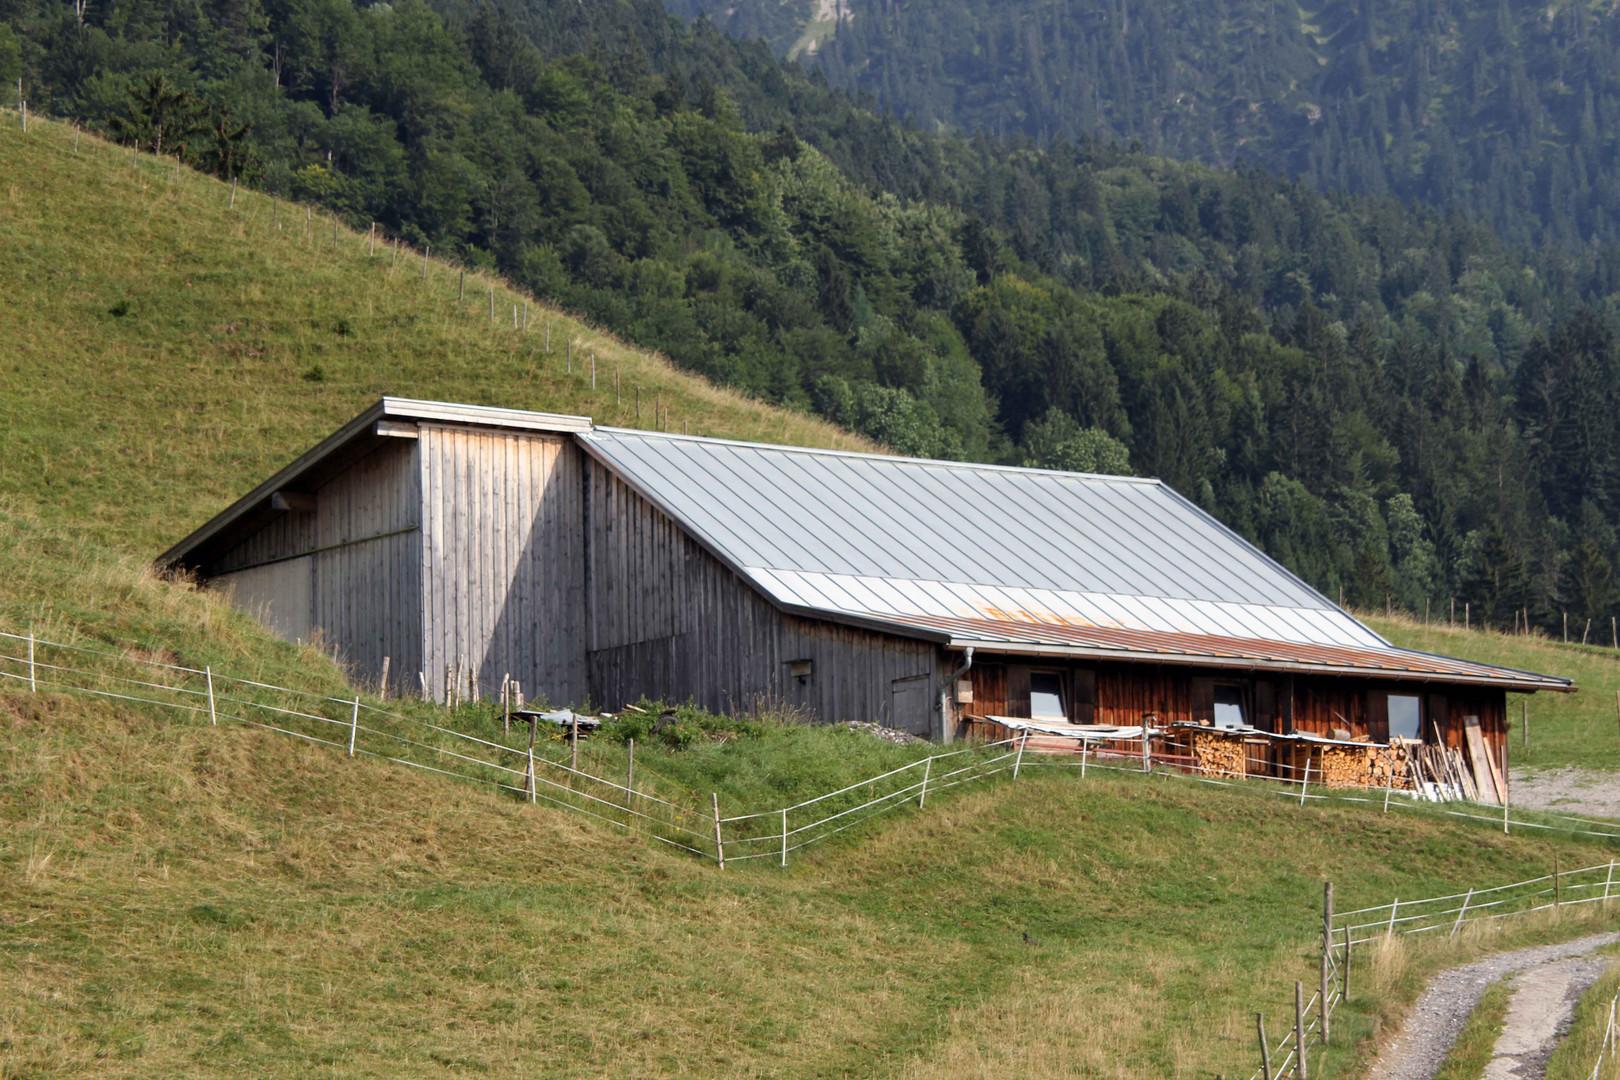 Bauernhof in Oberstdorf